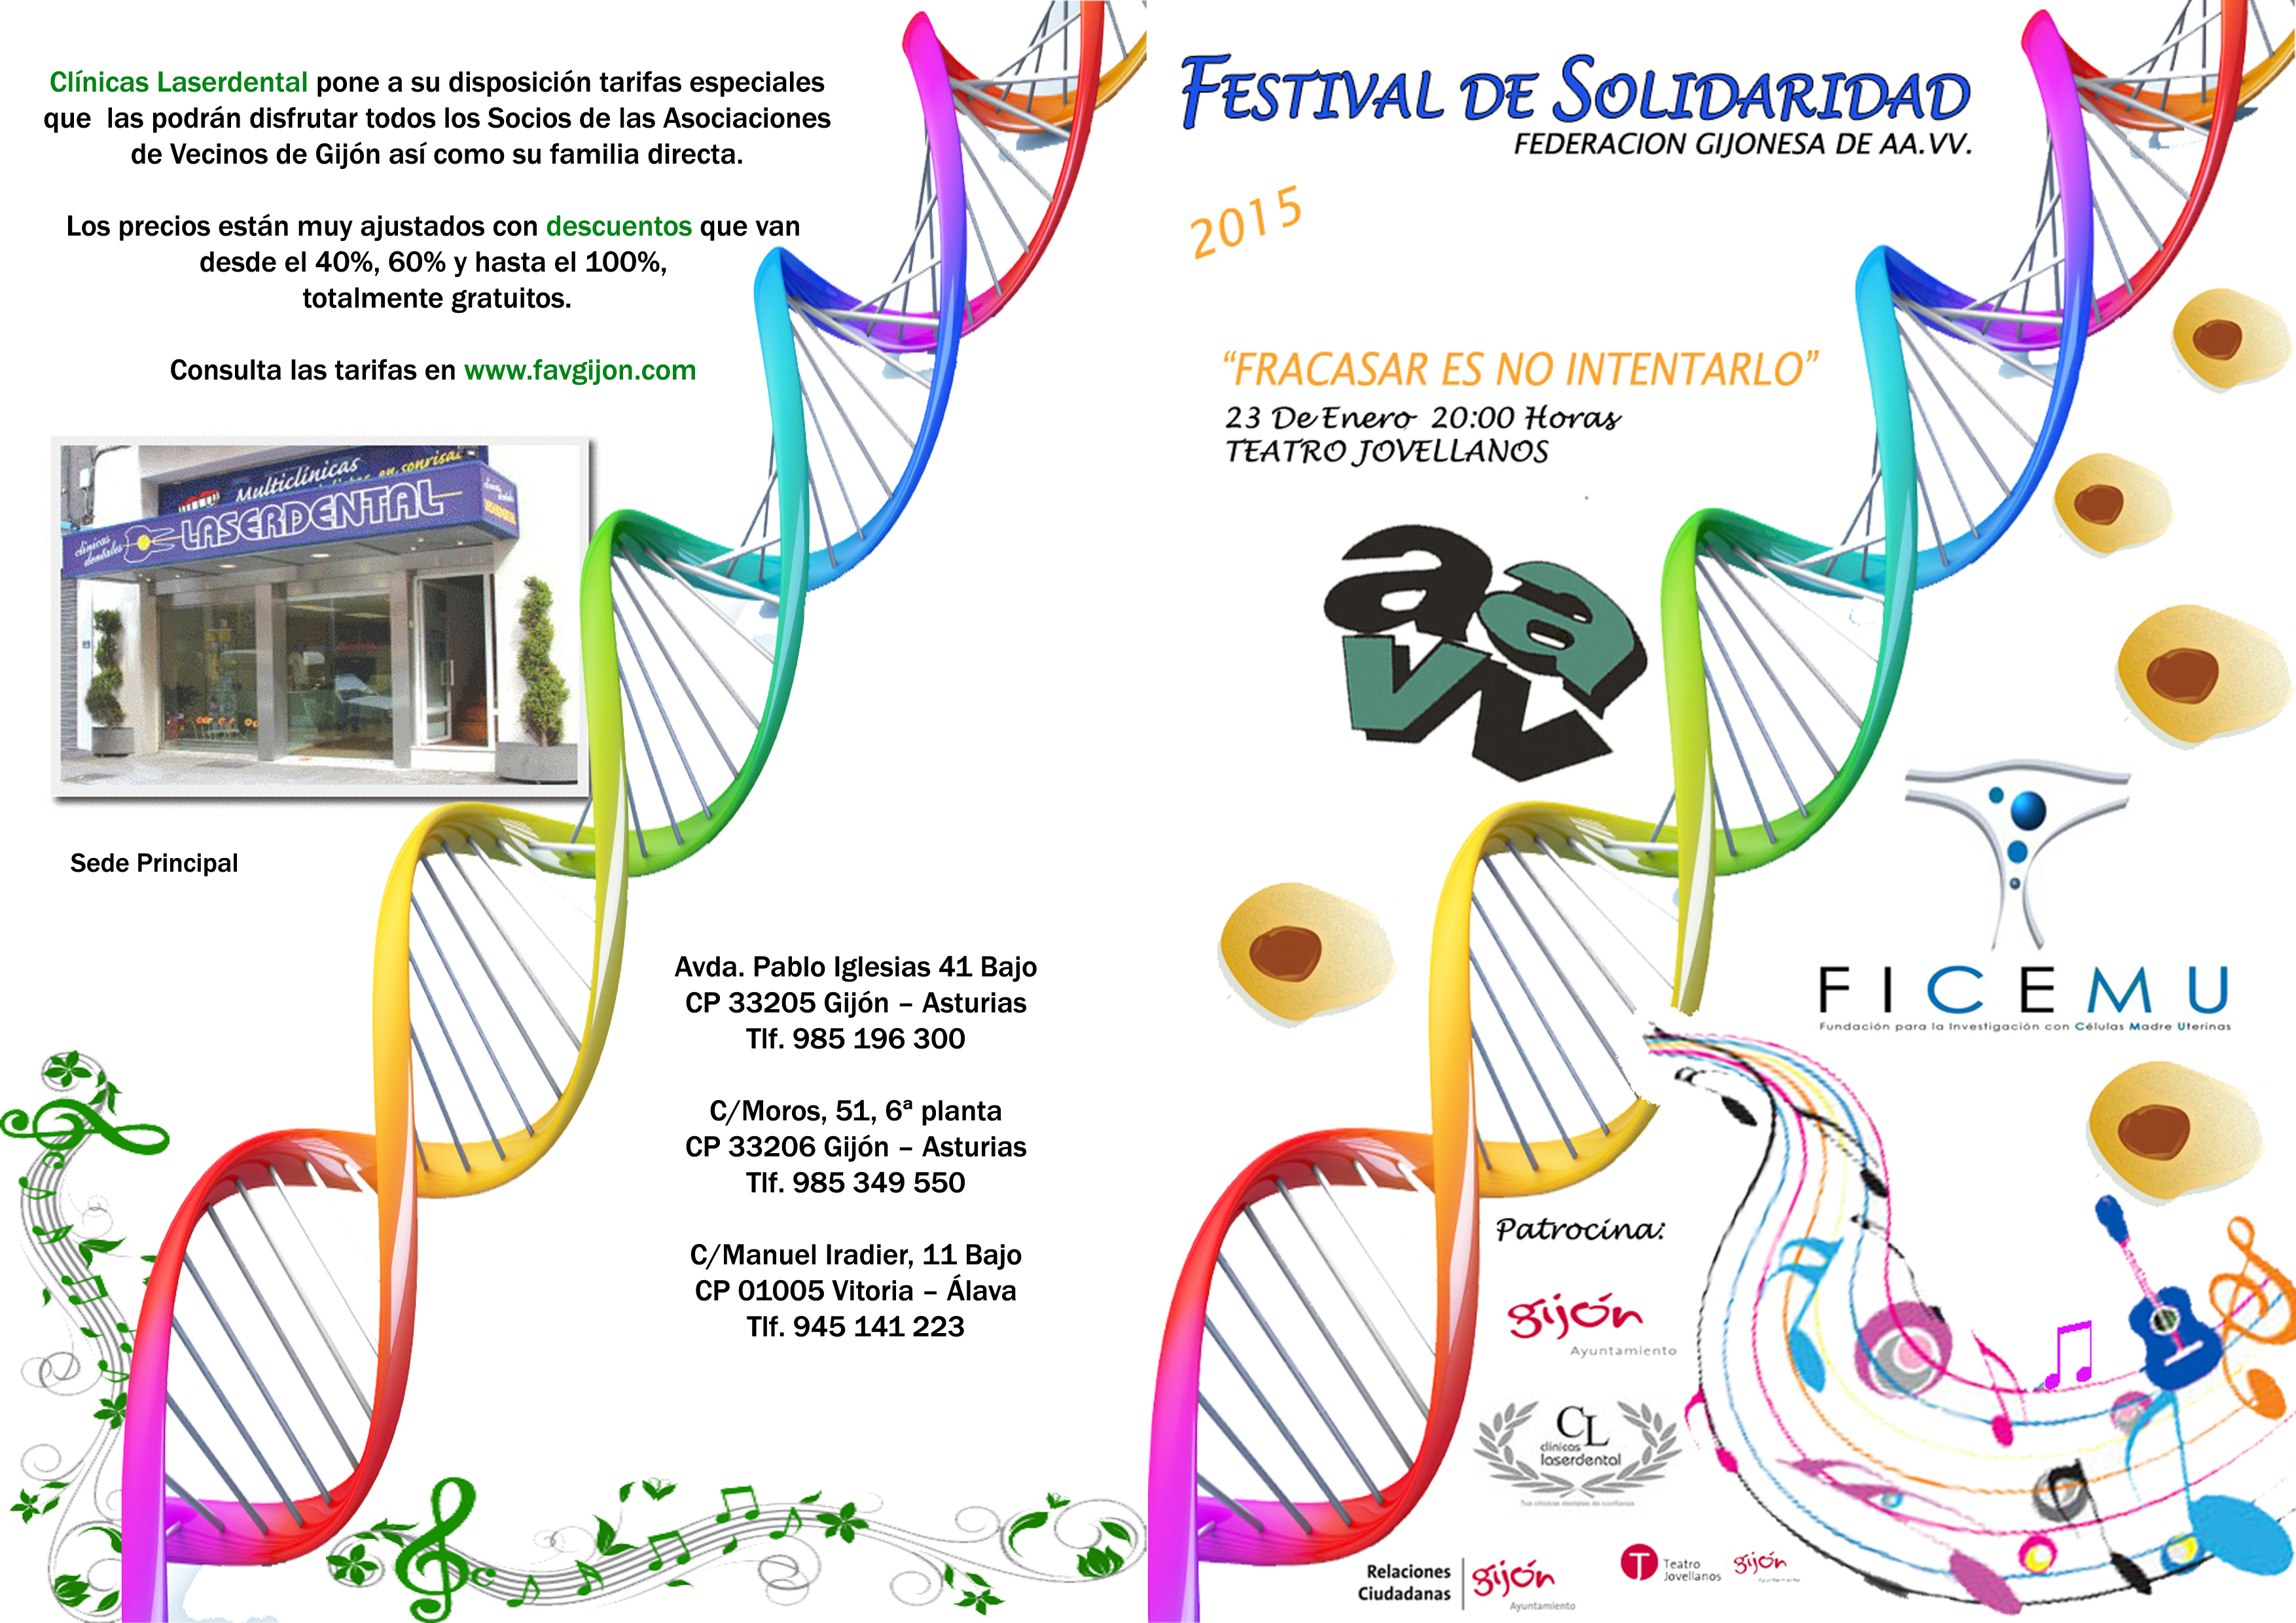 diptico solidairdad 2015 cara 1  (2)